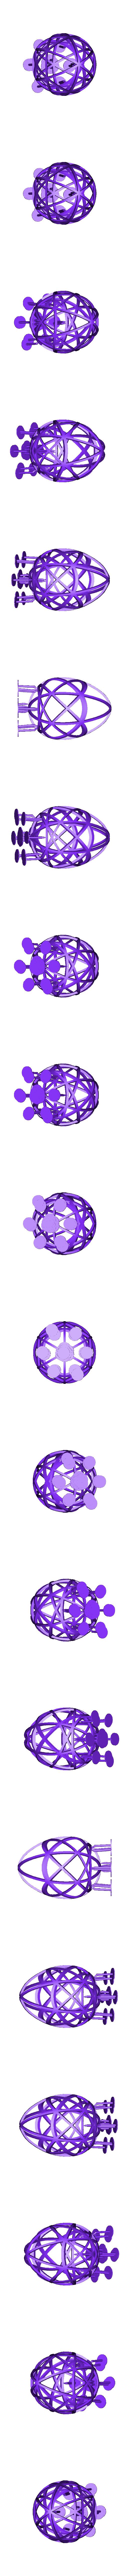 Egg_WS_9.stl Télécharger fichier STL gratuit Collection d'œufs de Pâques en résine • Plan pour imprimante 3D, ChrisBobo